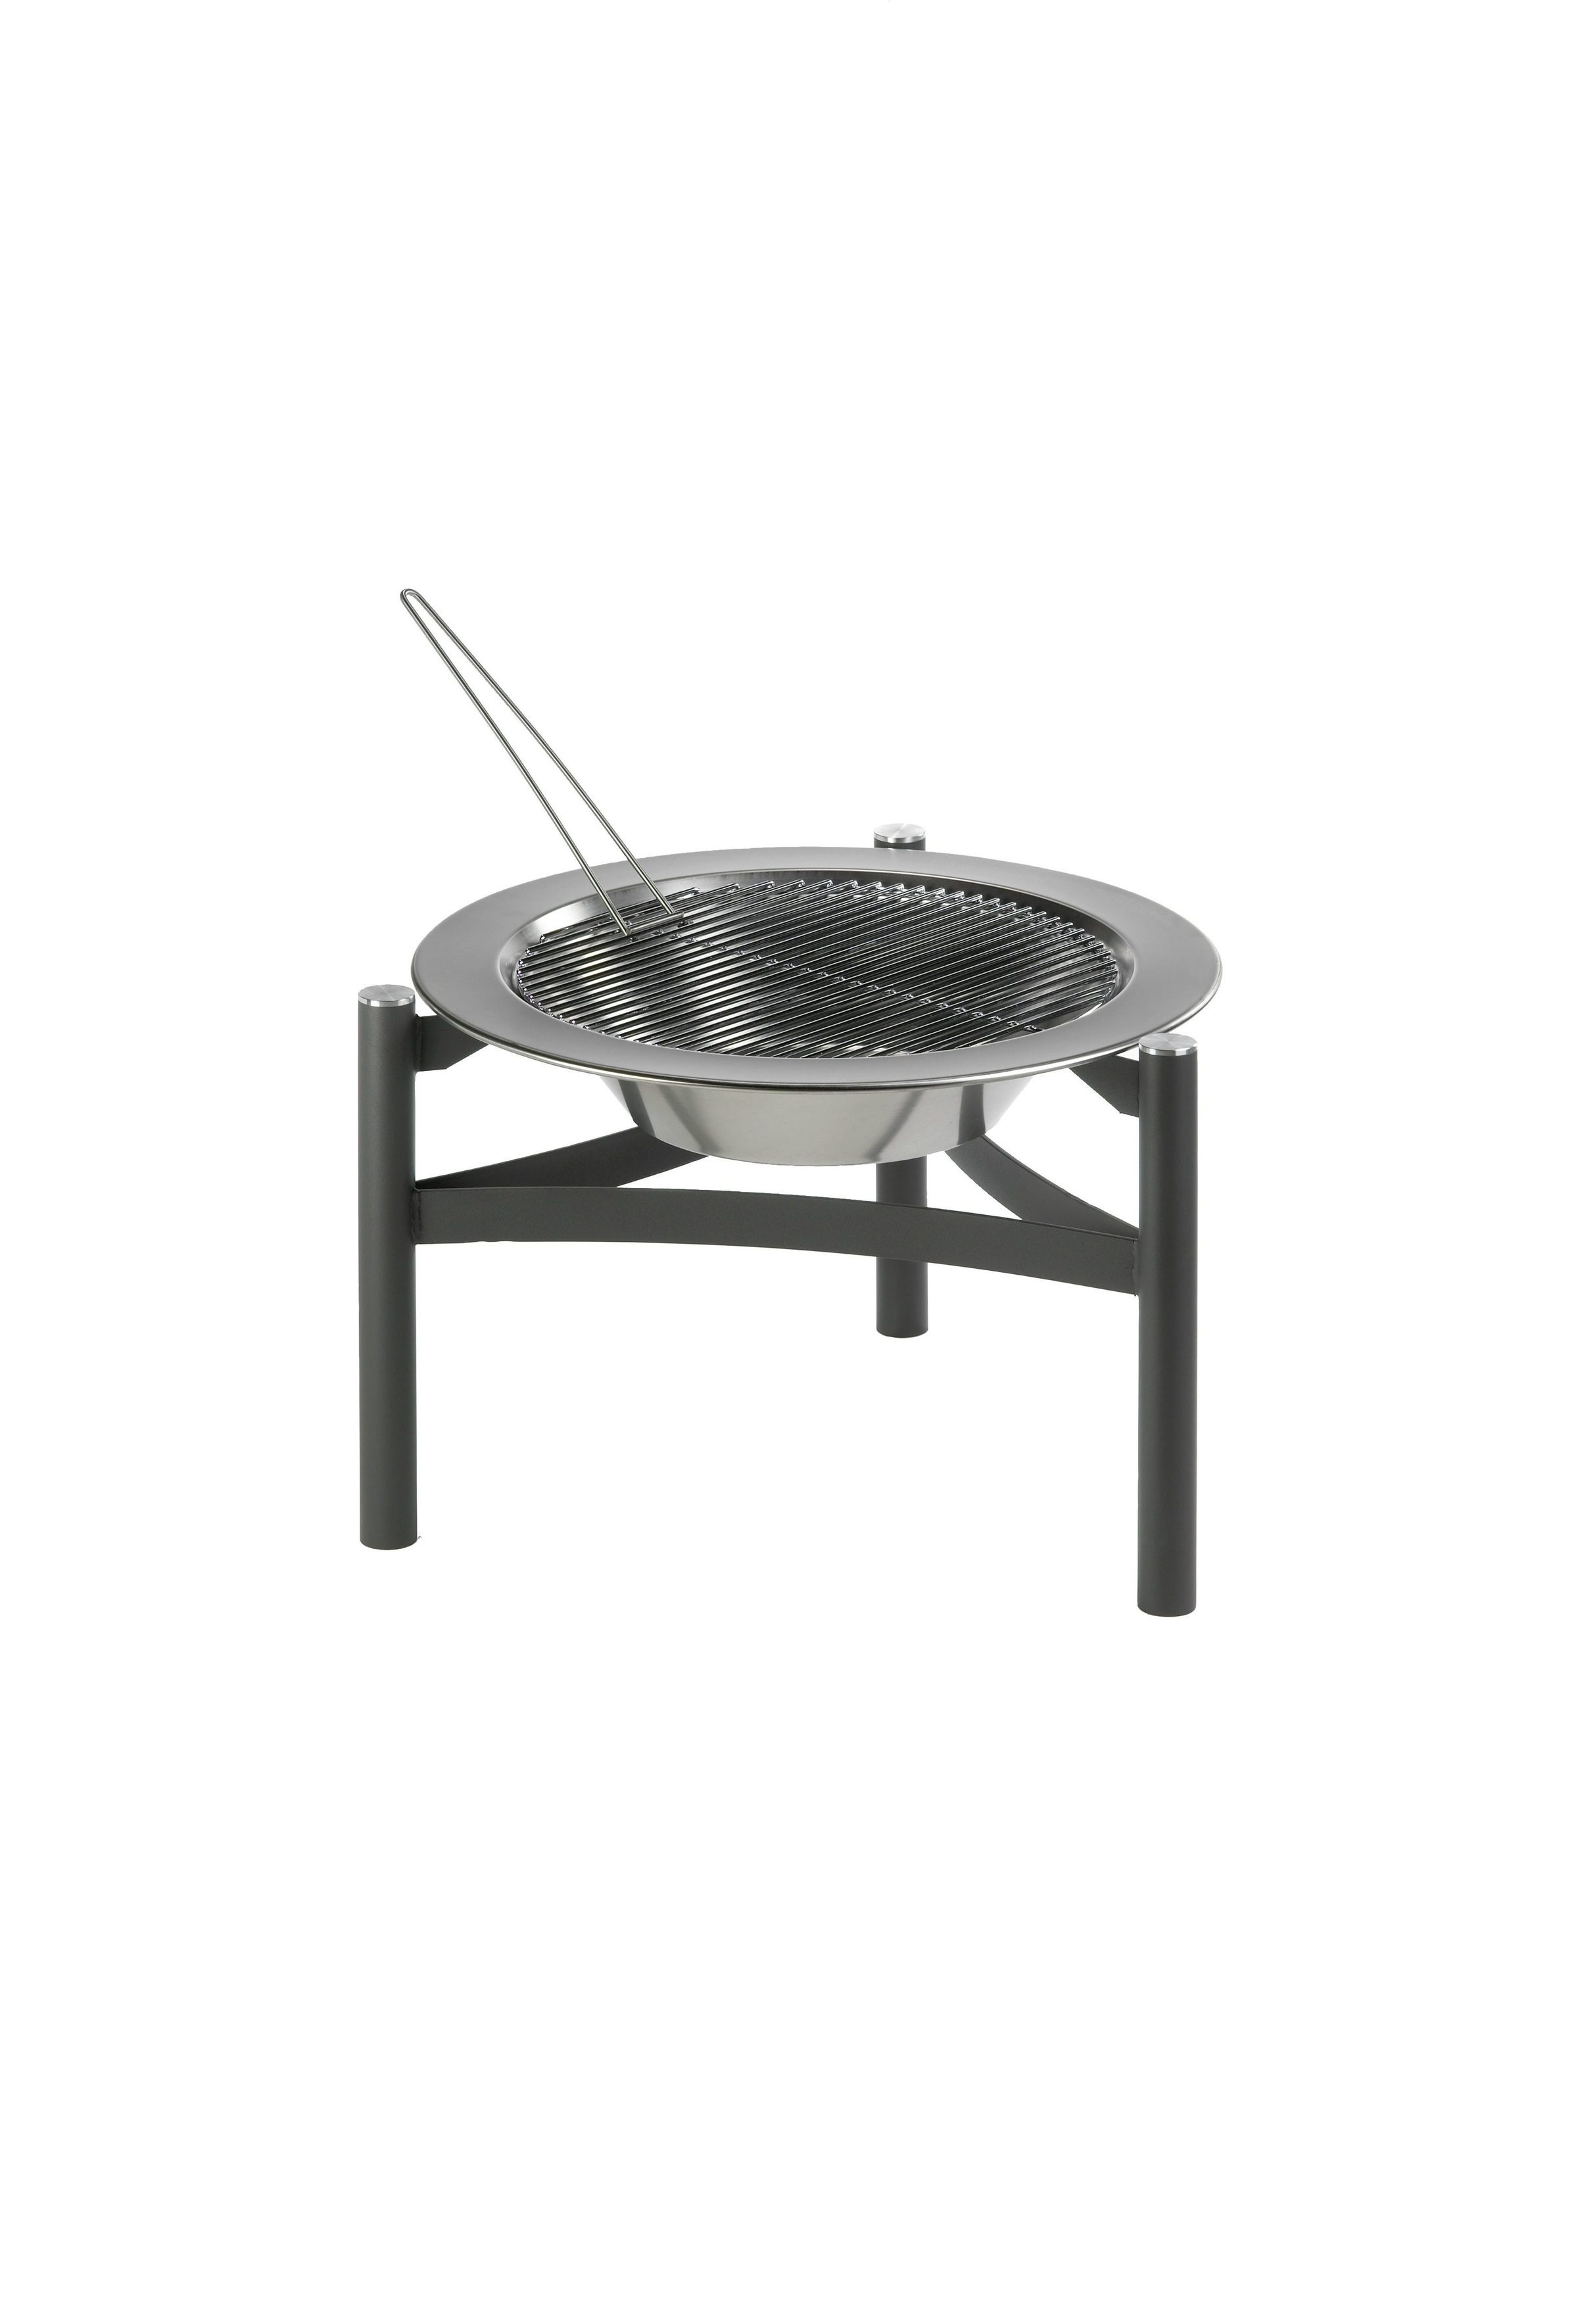 Dancook 9000 Fireplace